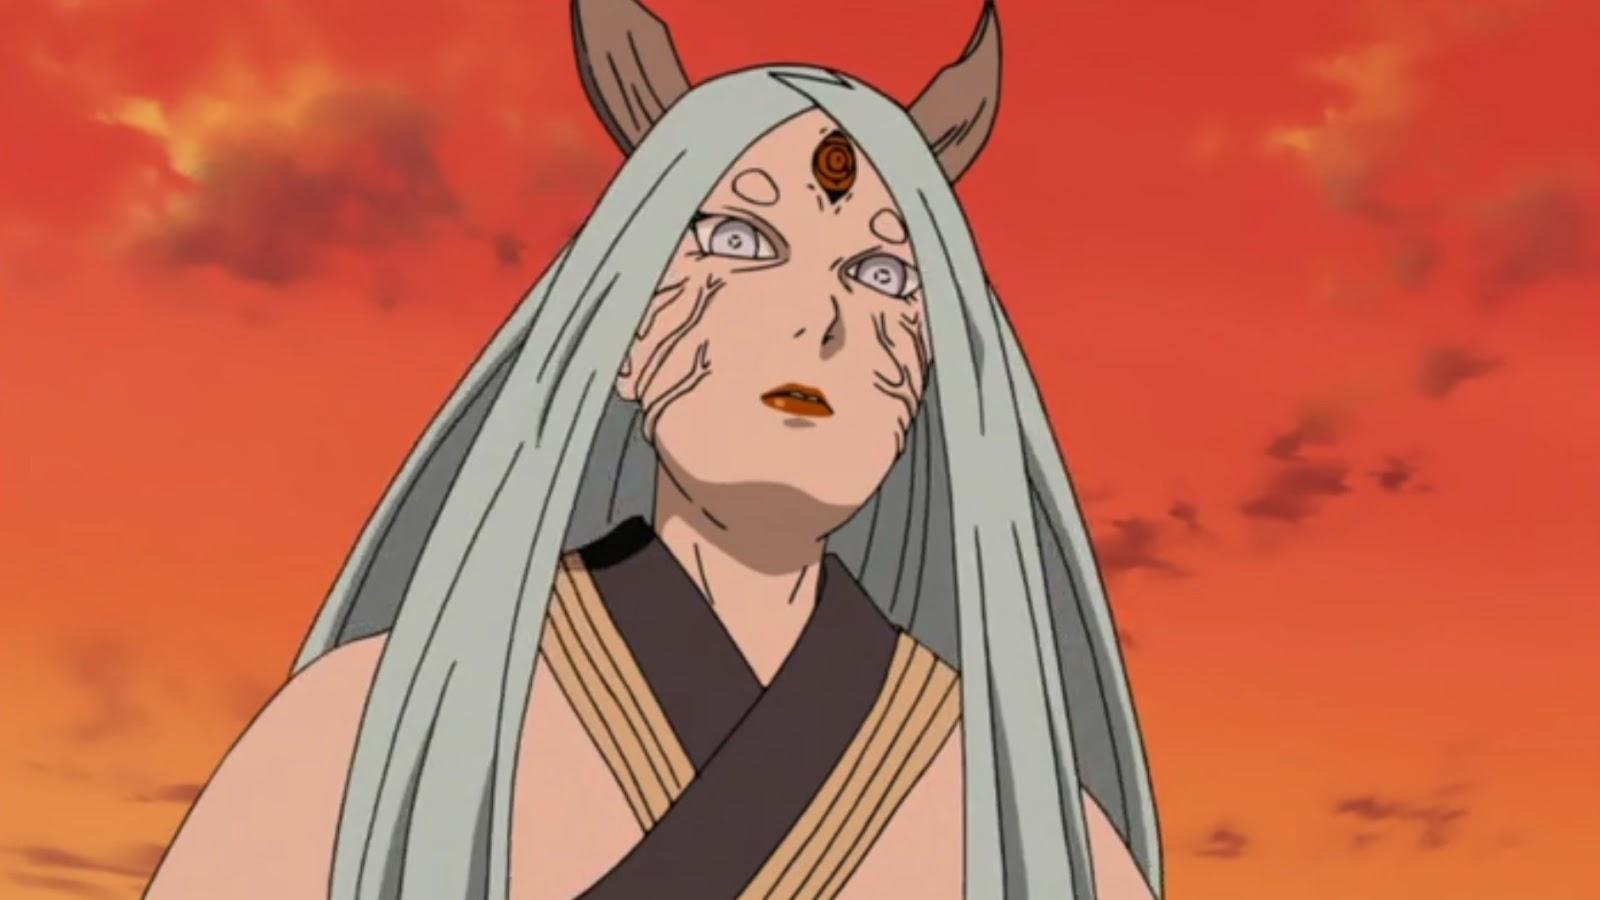 Naruto Shippuden Episódio 462, Assistir Naruto Shippuden Episódio 462, Assistir Naruto Shippuden Todos os Episódios Legendado, Naruto Shippuden episódio 462,HD